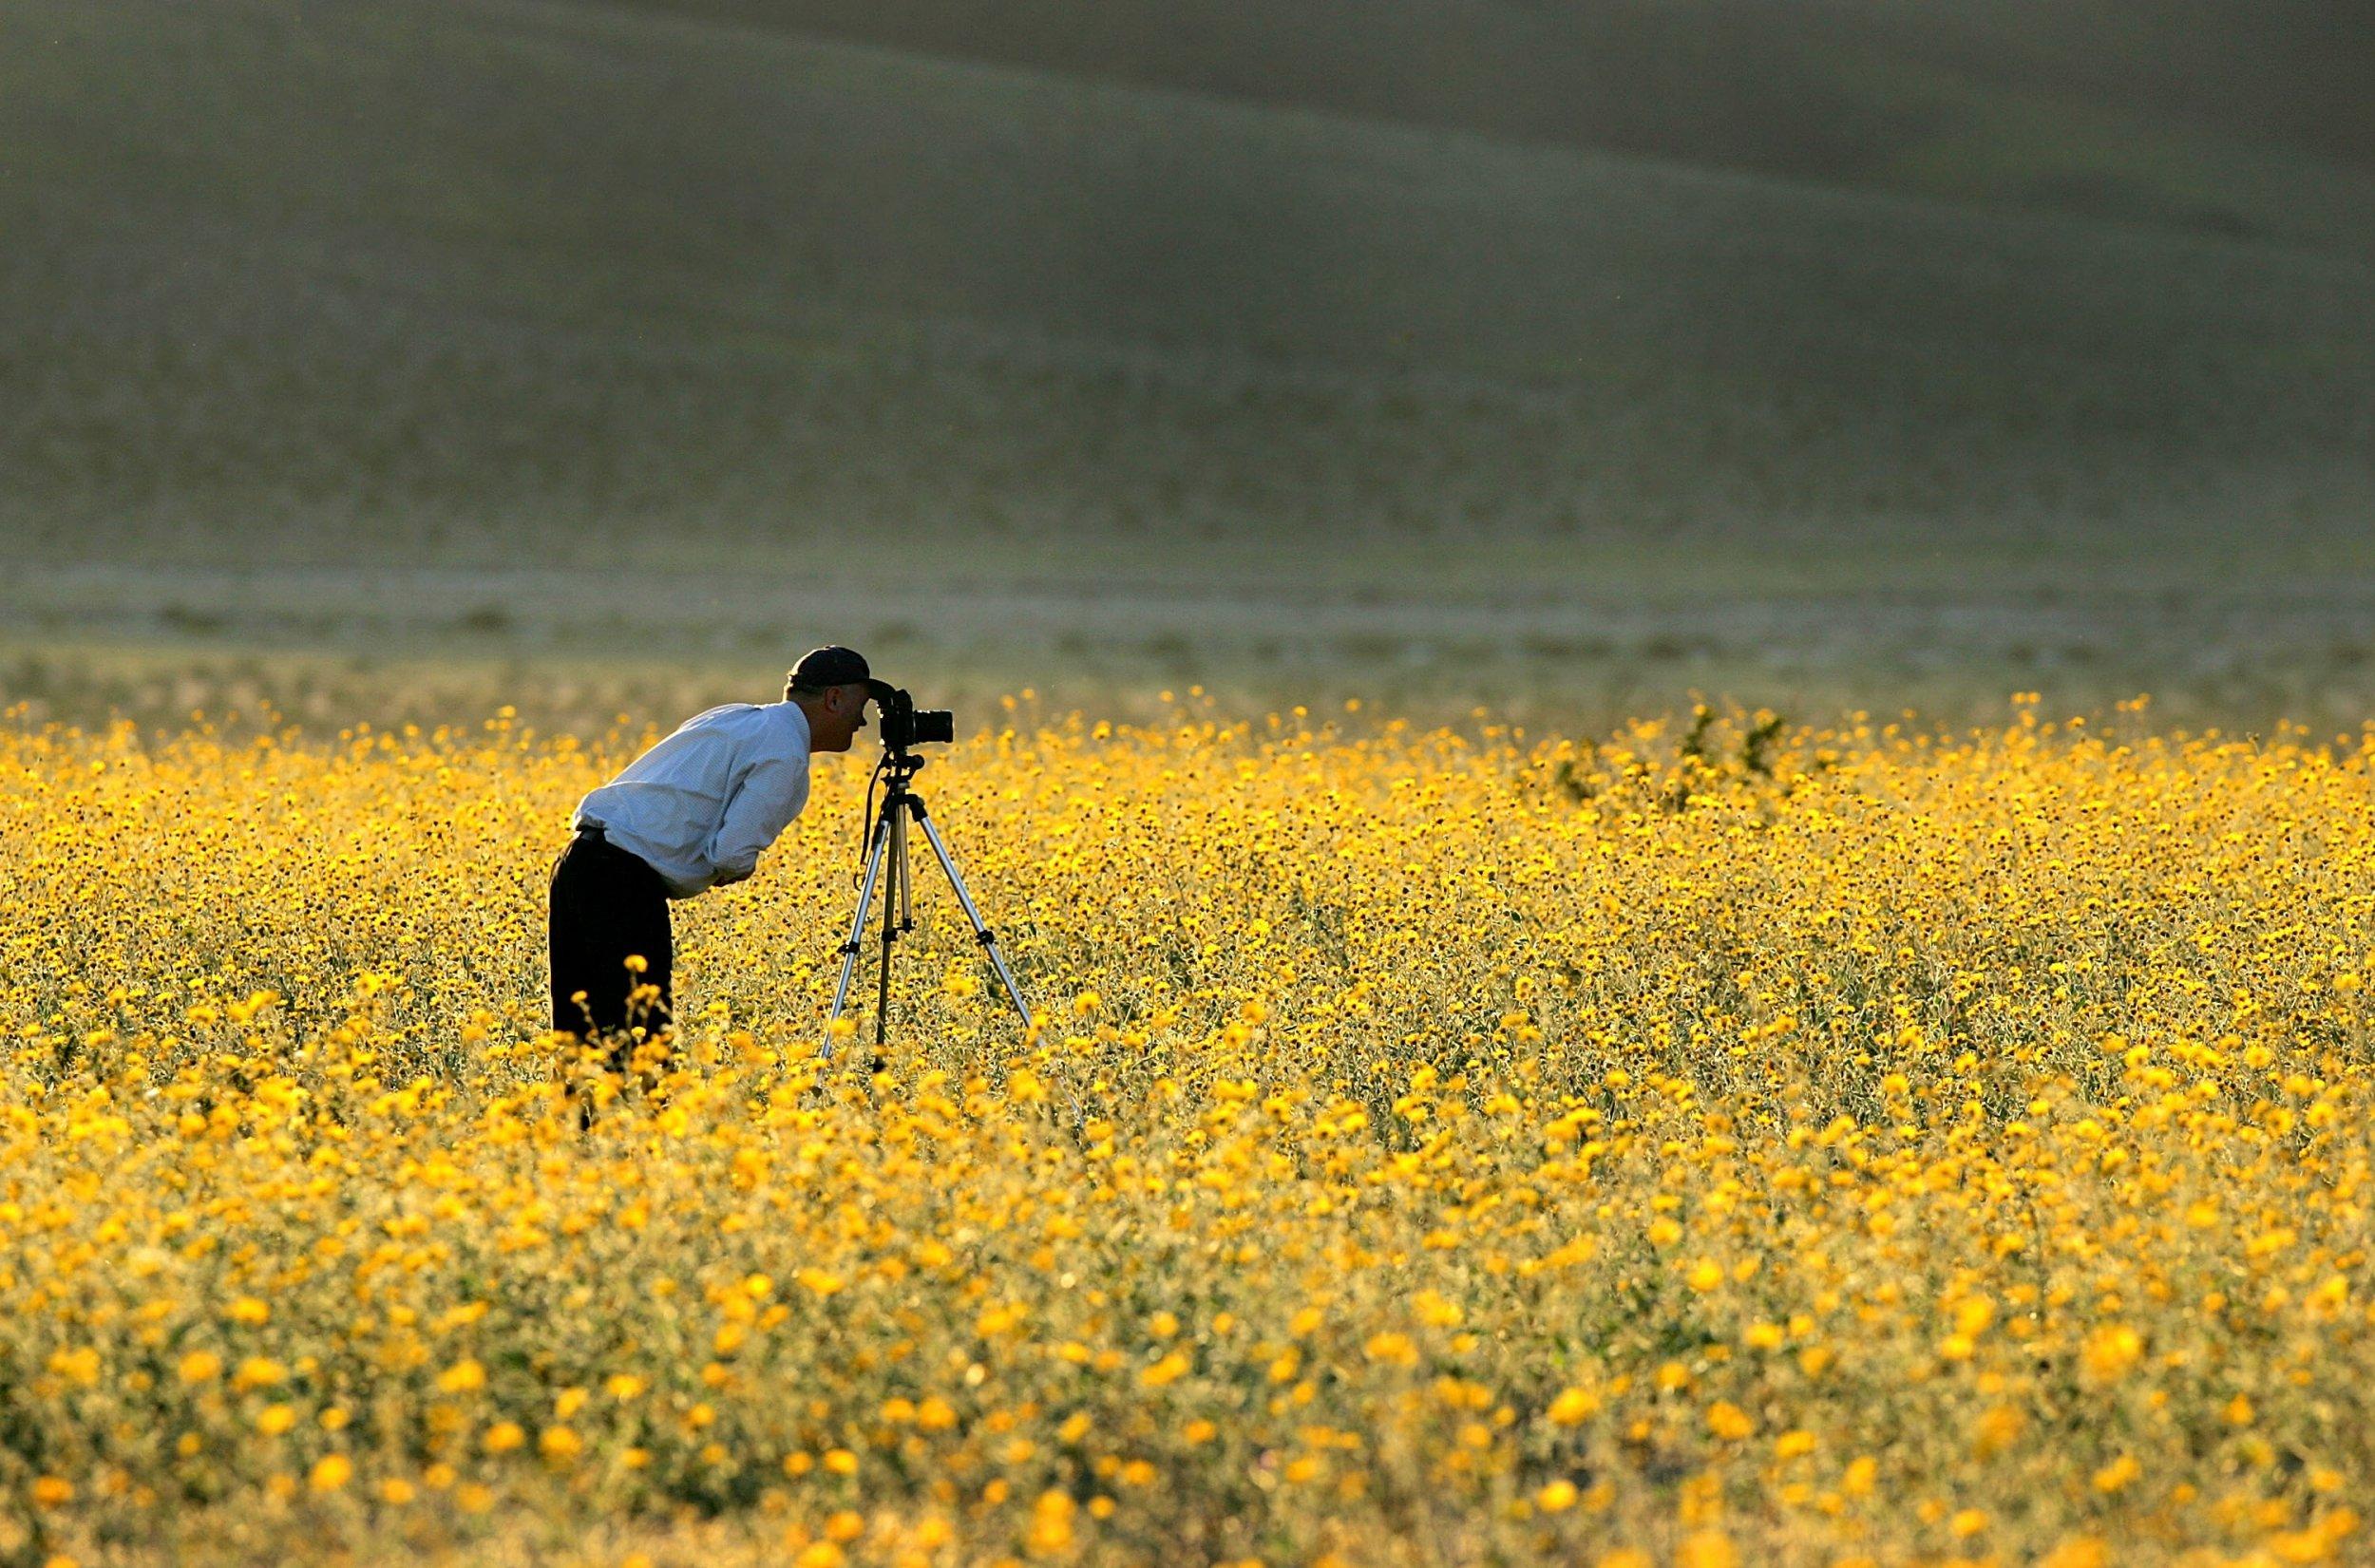 wild flower death valley california getty